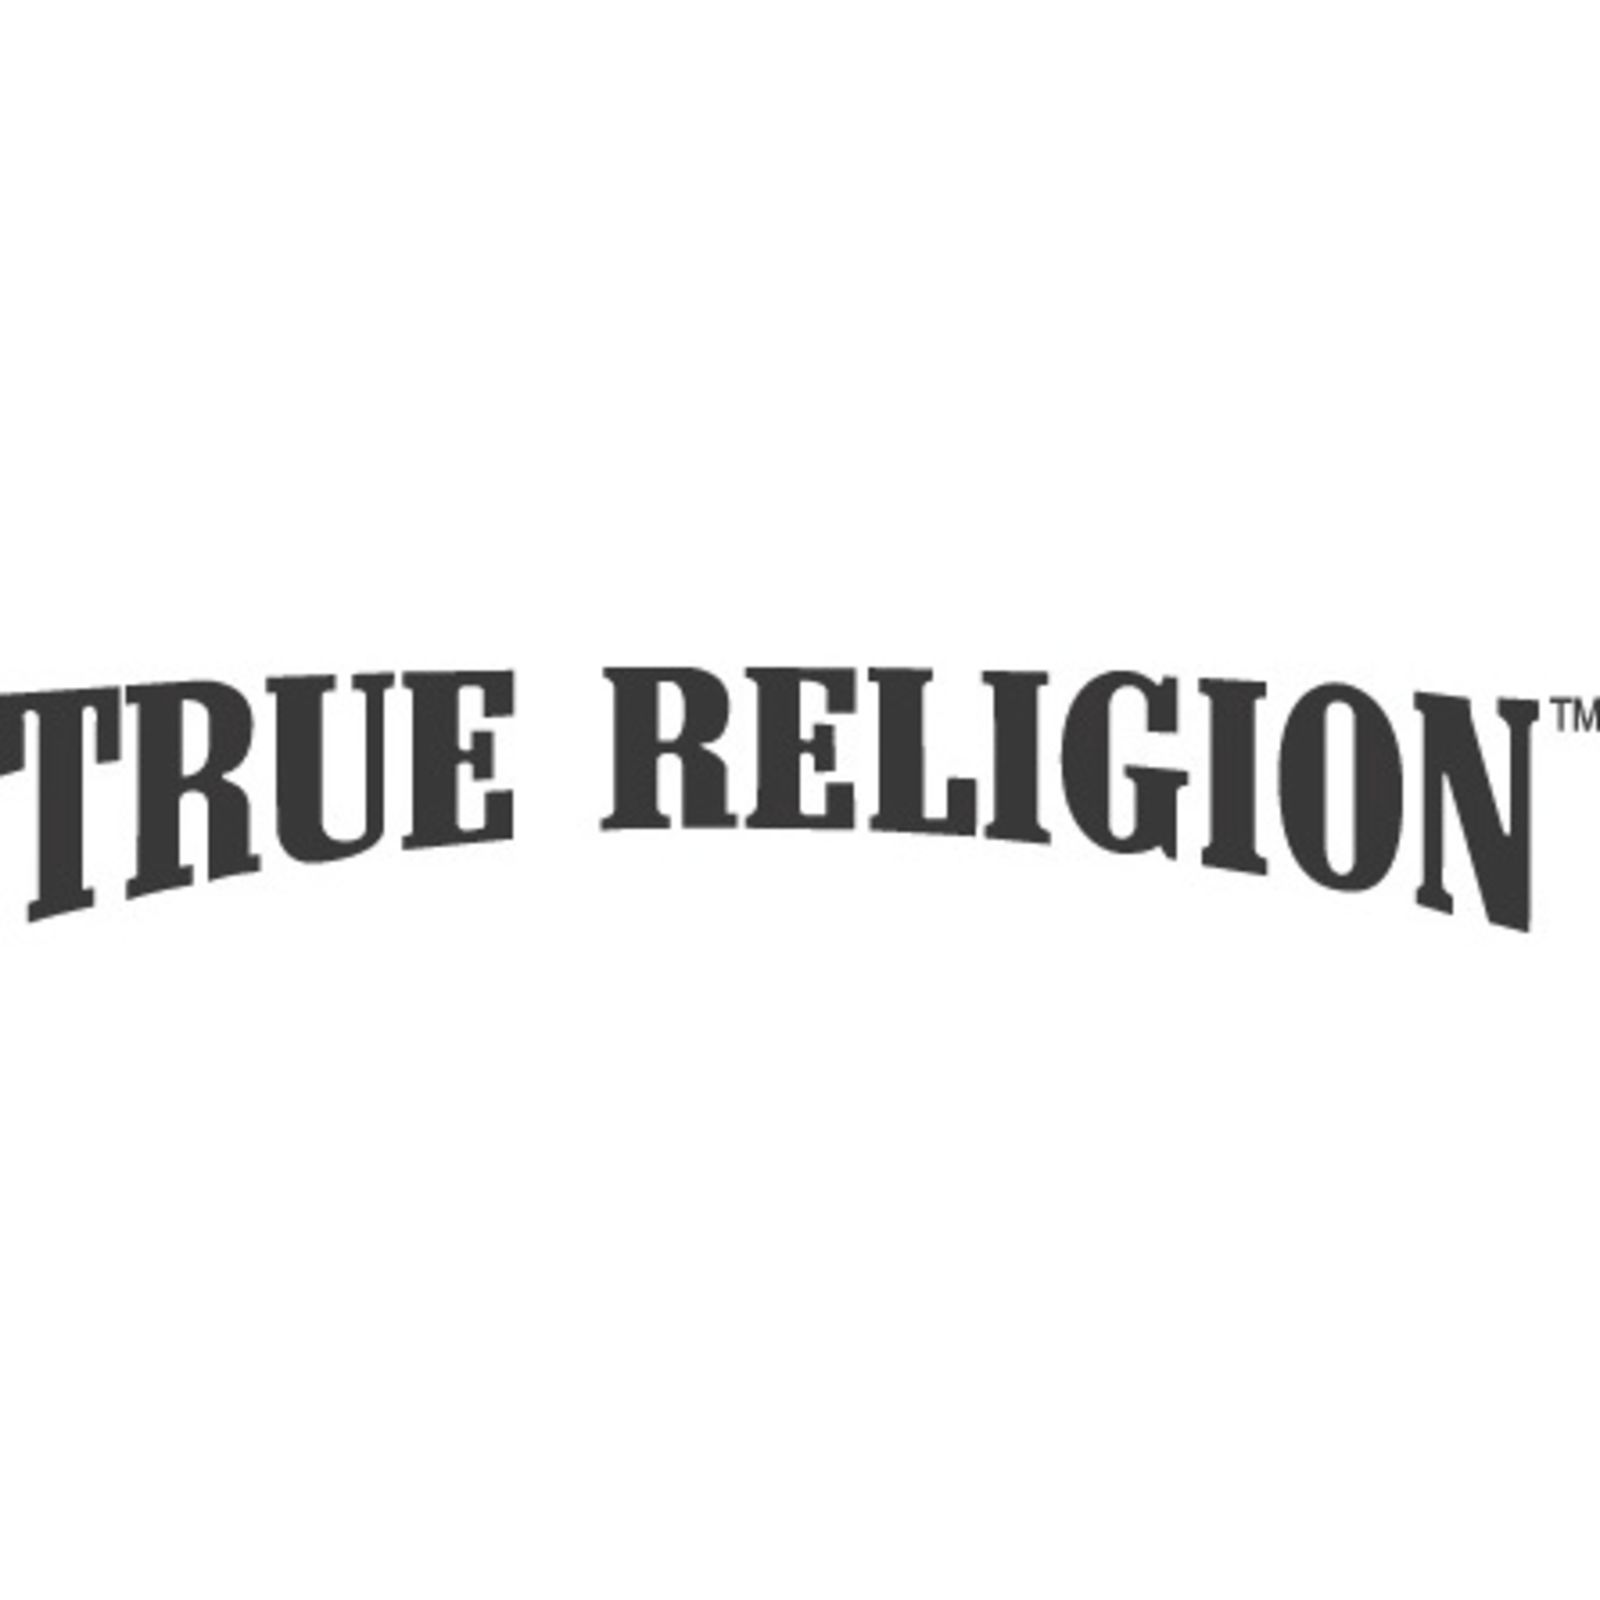 TRUE RELIGION (Image 1)